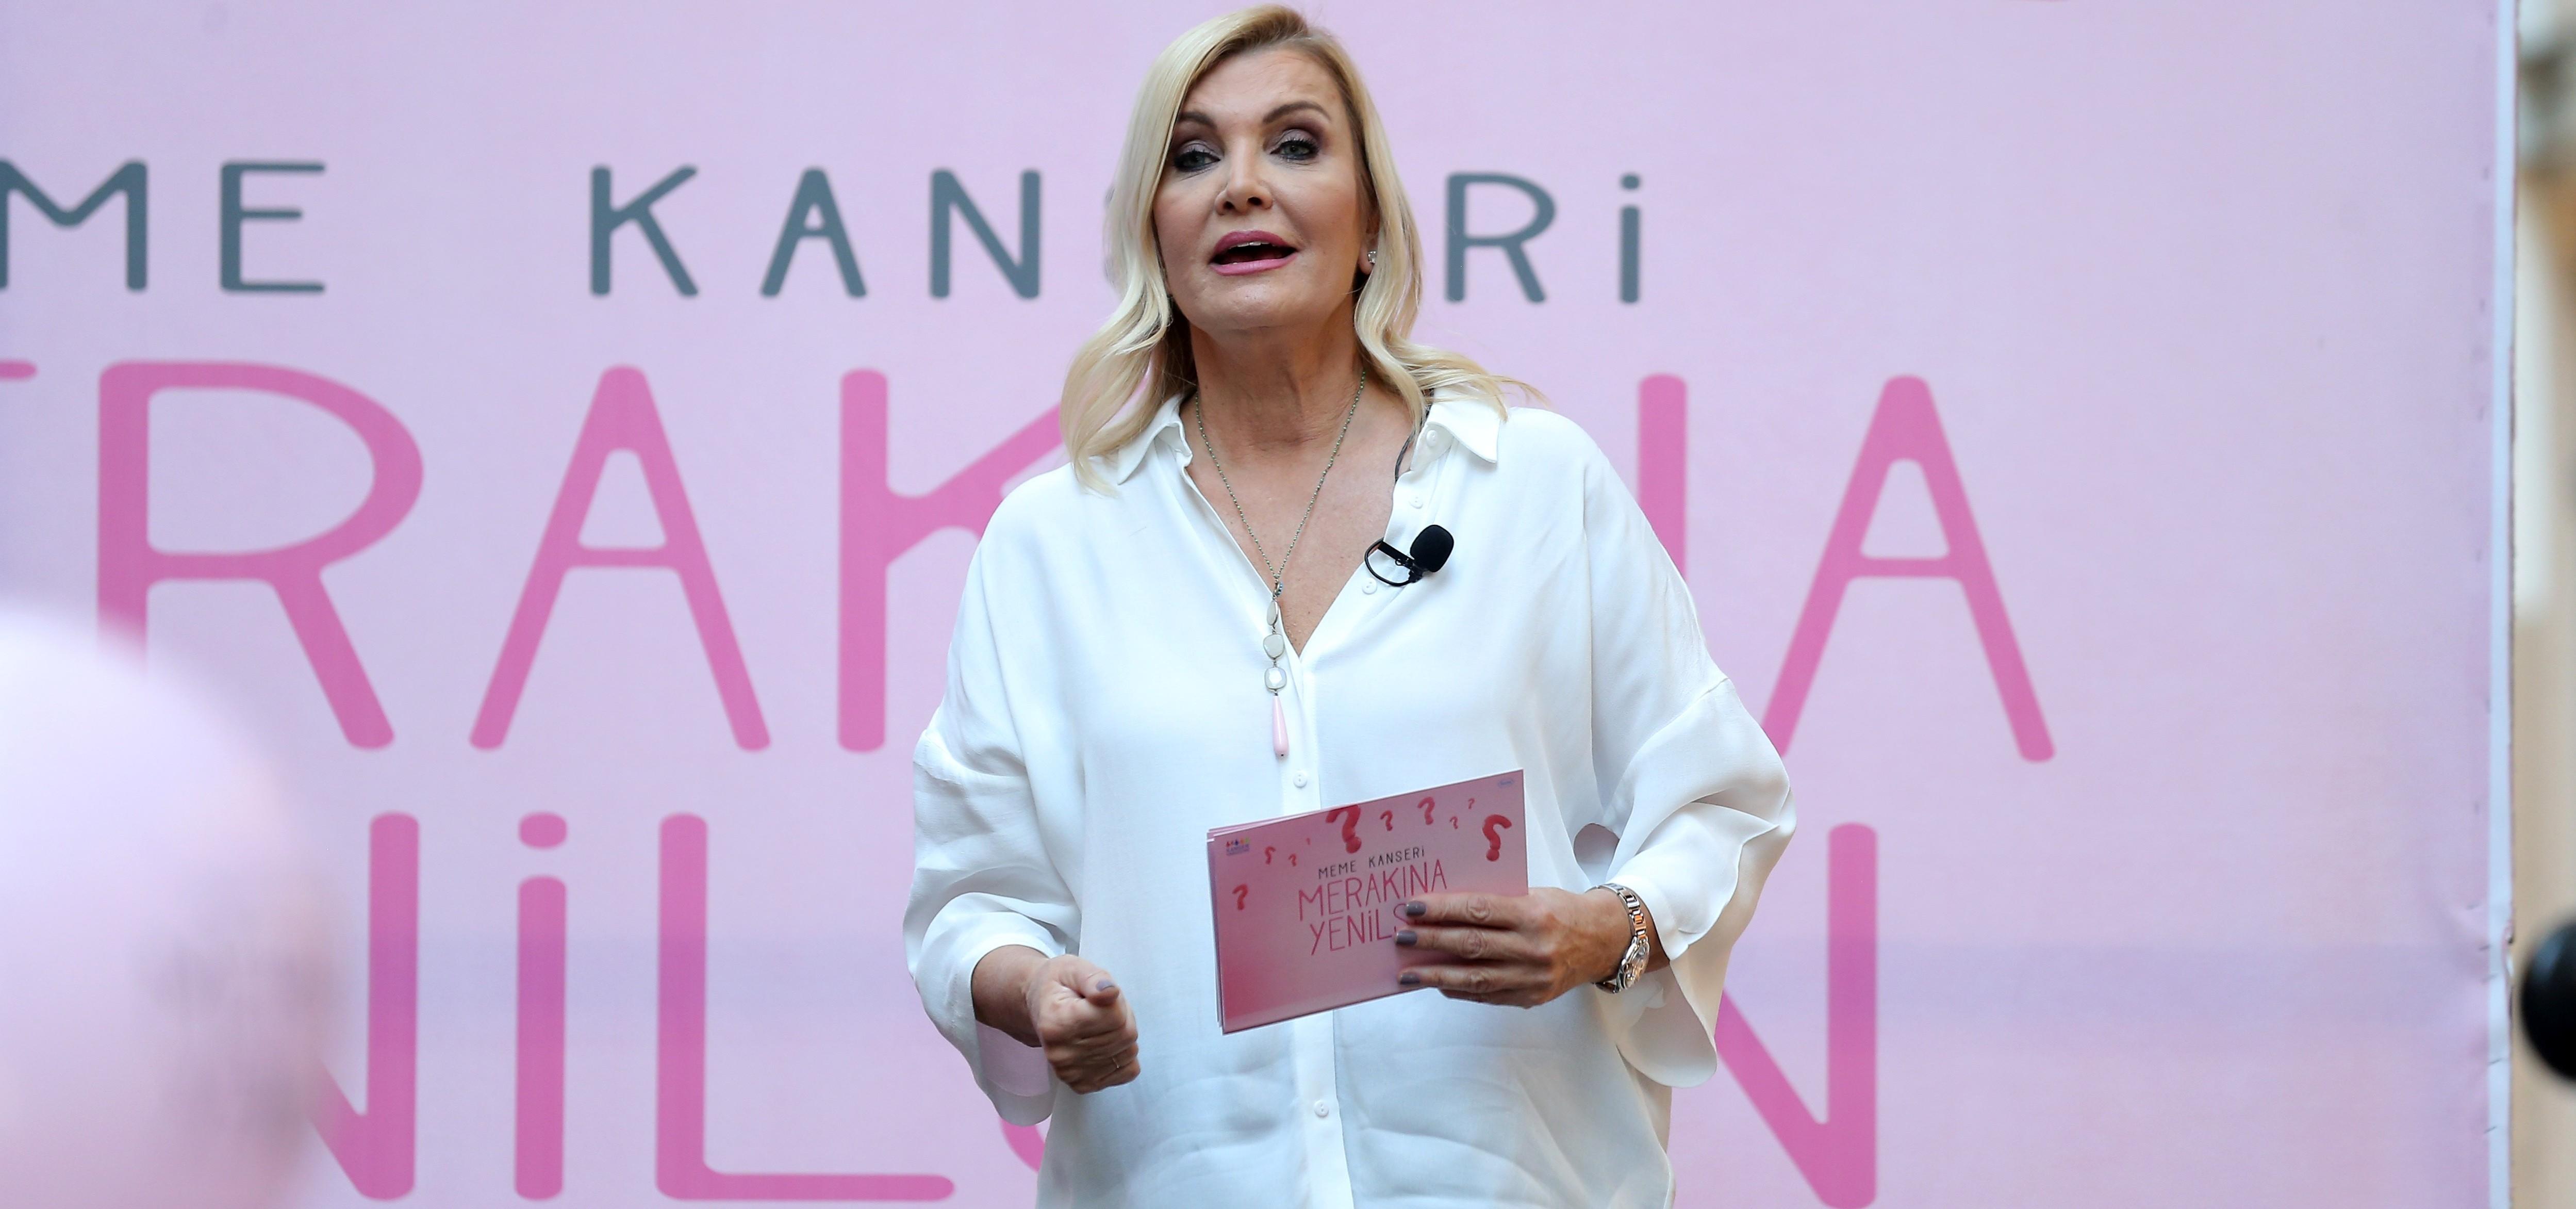 Derya Baykal, meme kanserini anlatıyor